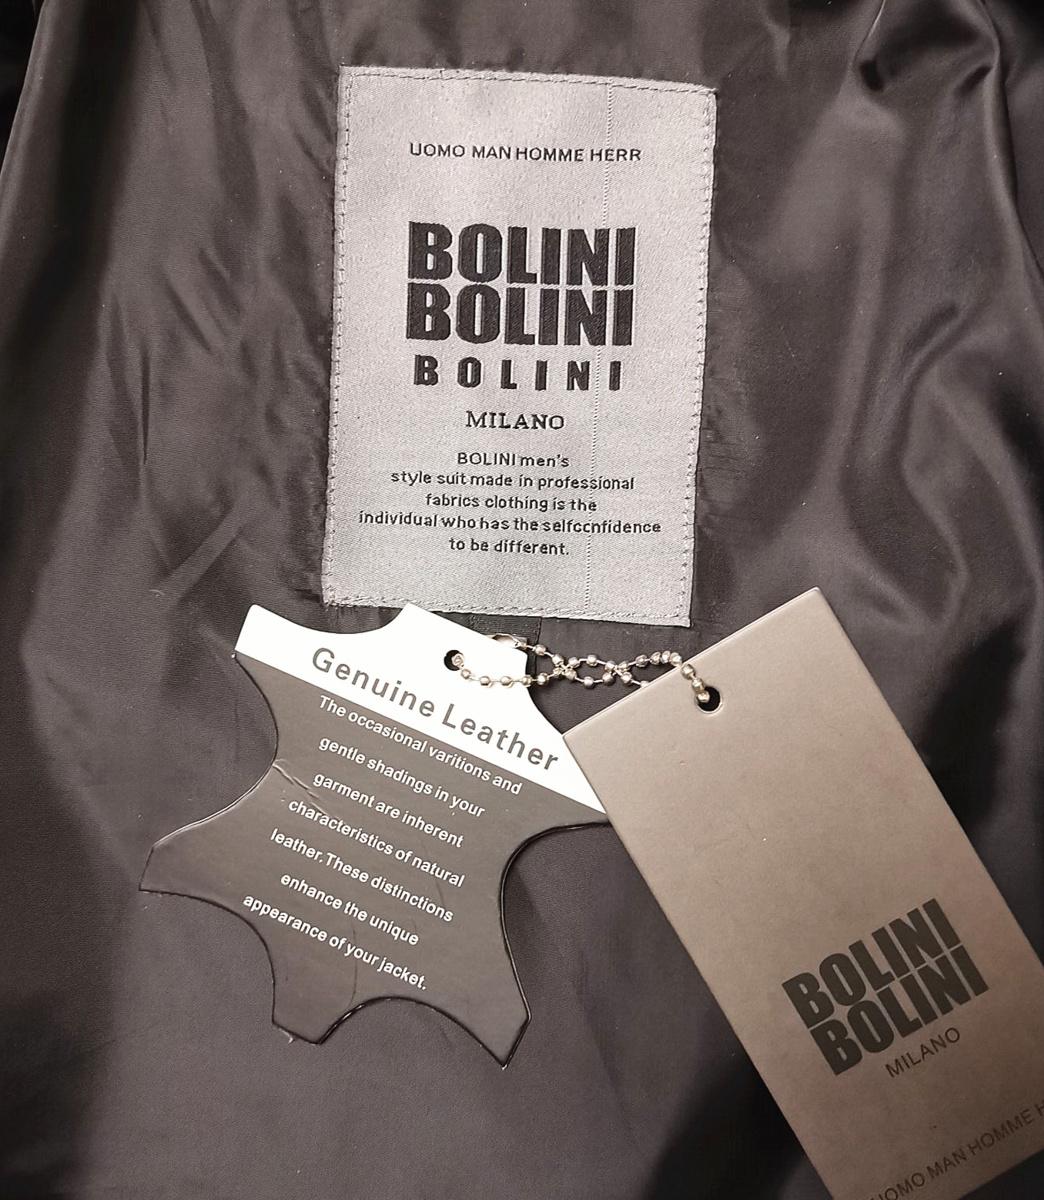 最高級ヨーロッパ製◆イタリア・ミラノ発*BOLINI*ブラックラインdesigner 最上級イタリアン牛革・レザージャケット・本格ライダース/XL_画像3